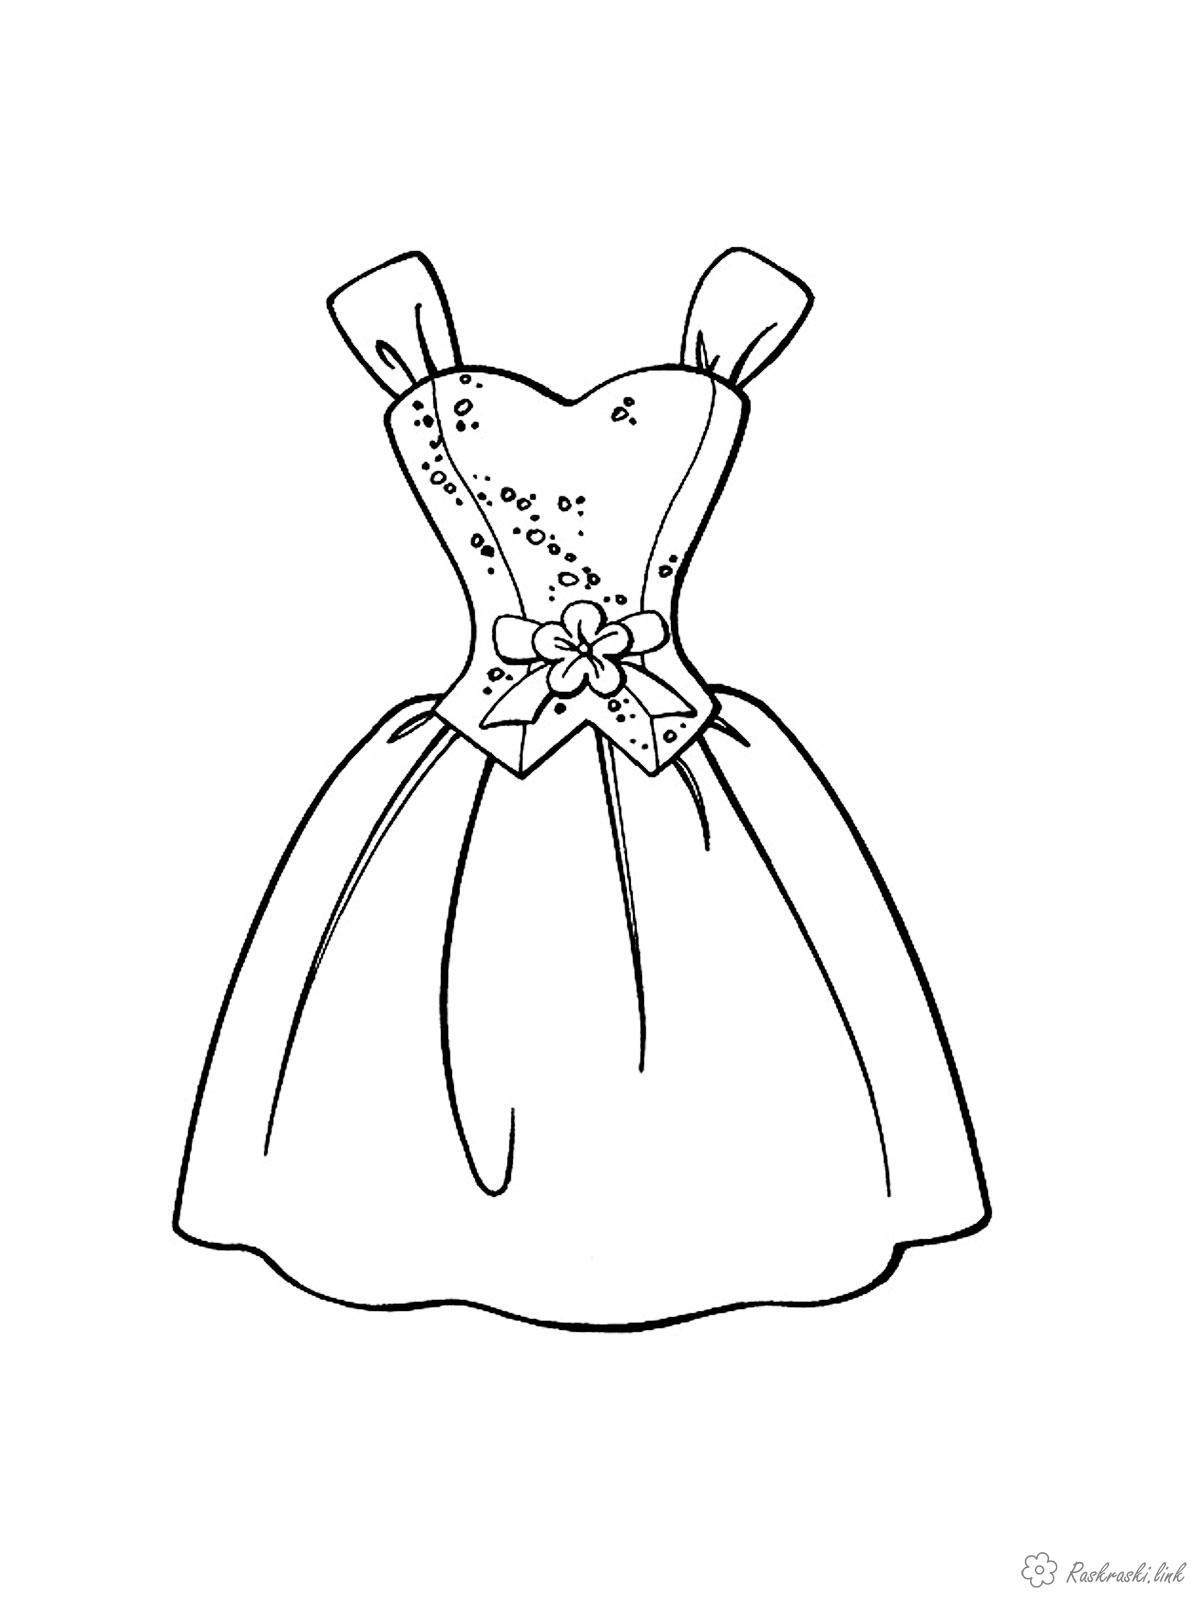 Розмальовки раскраска Детская раскраска,  раскрась  прекрасное платье